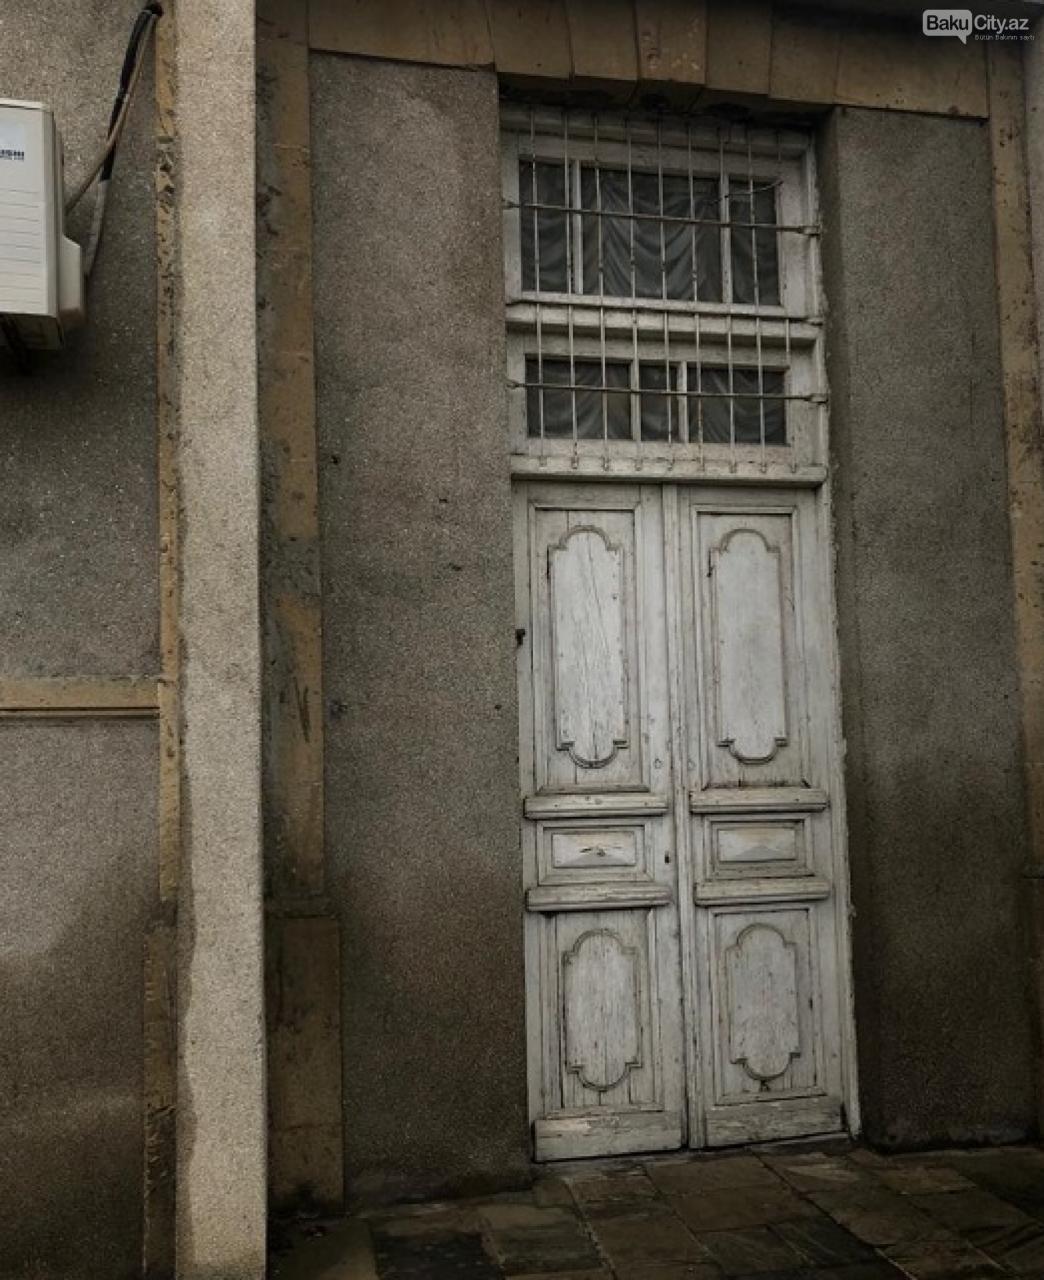 Bakıda Cəfər Cabbarlının ev muzeyi hələ də baxımsız vəziyyətdədir - FOTOLAR, fotoşəkil-2